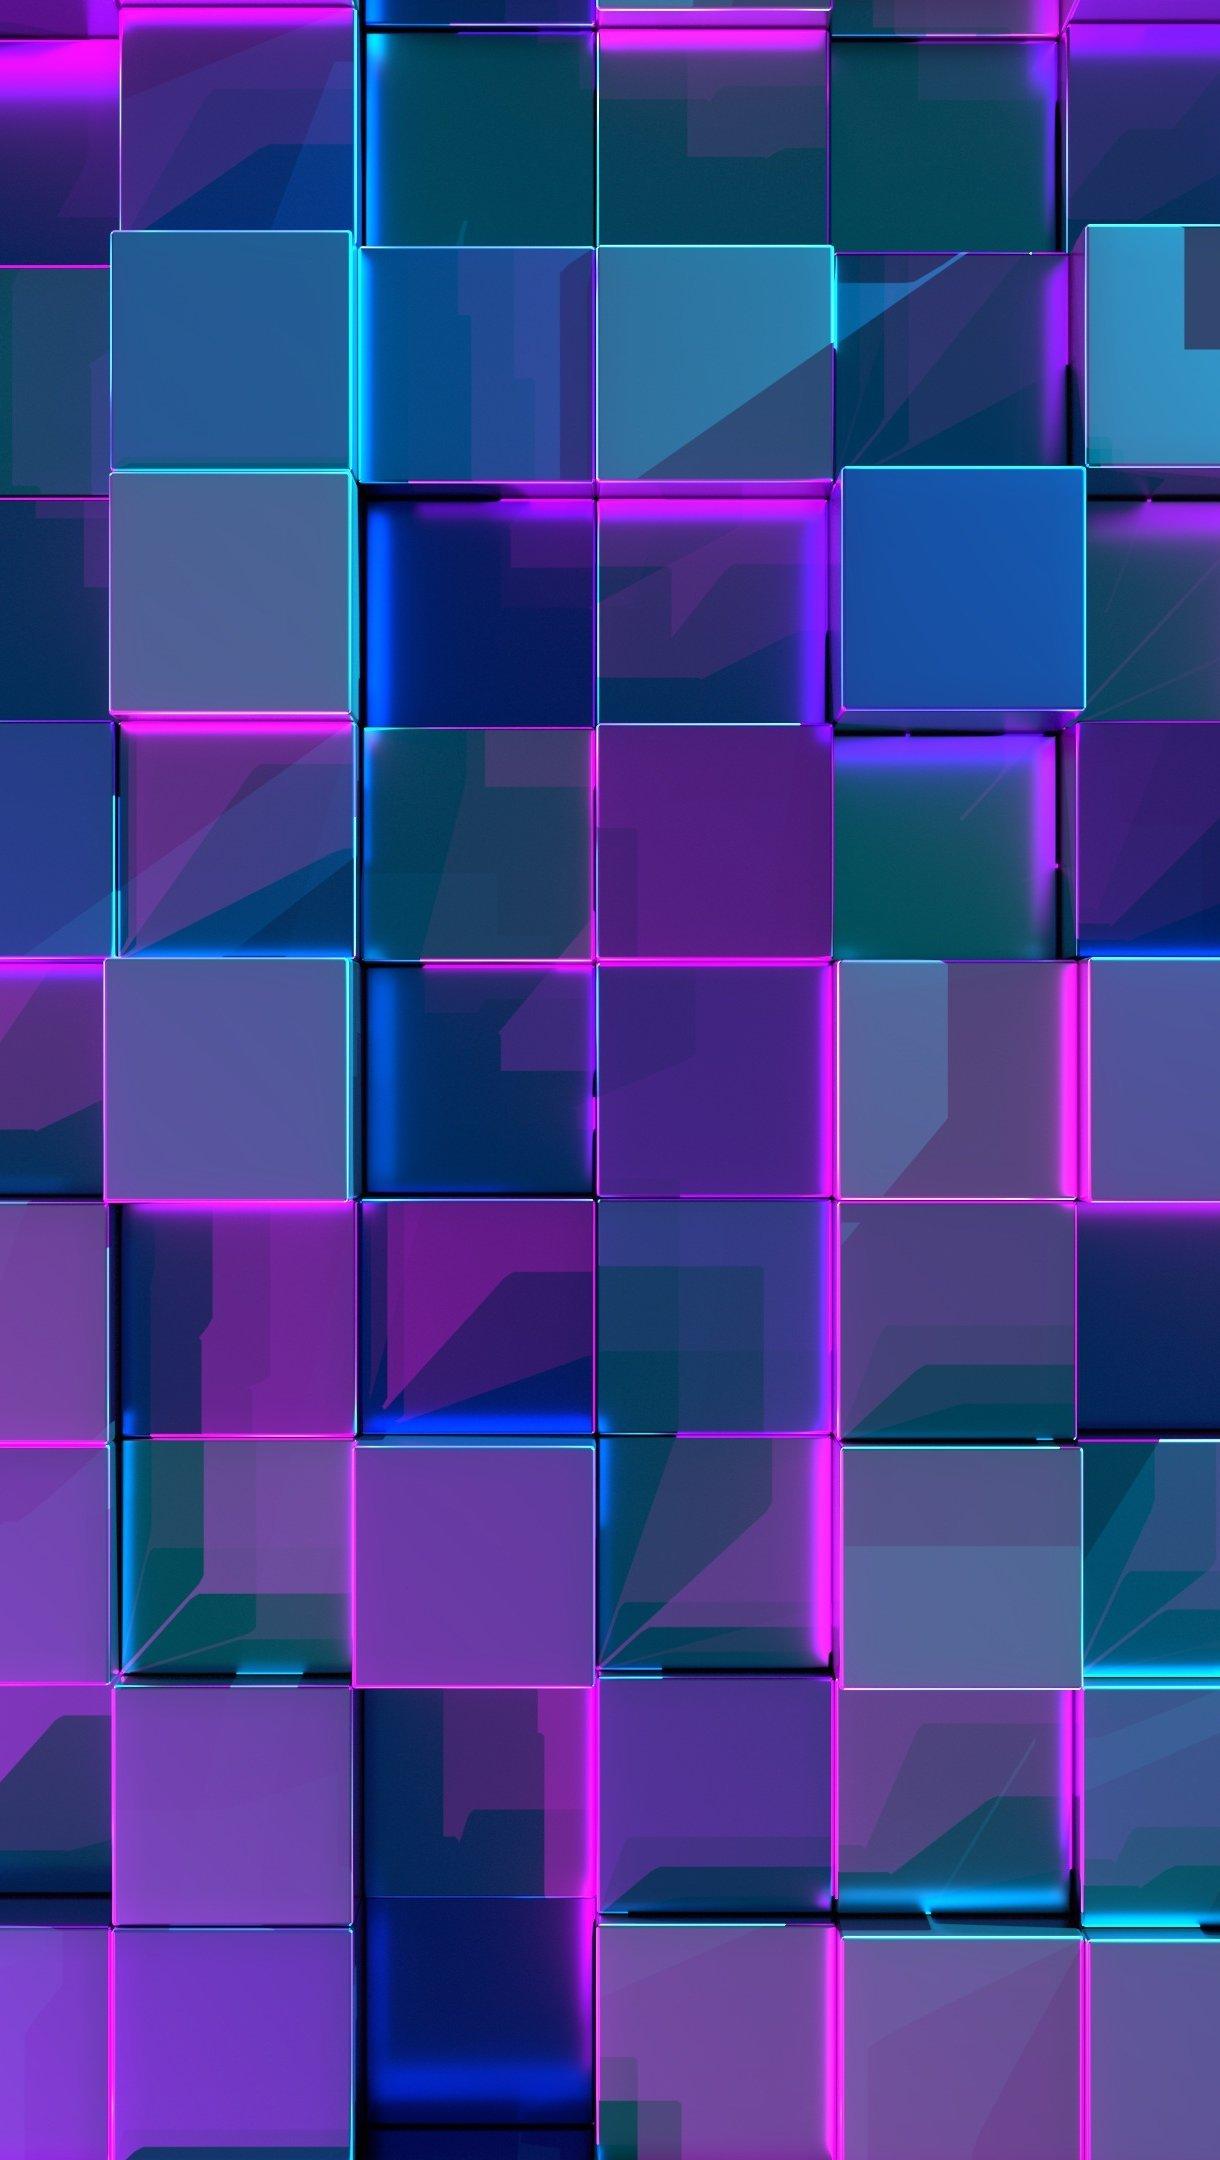 Fondos de pantalla Cubos 3d neón Vertical